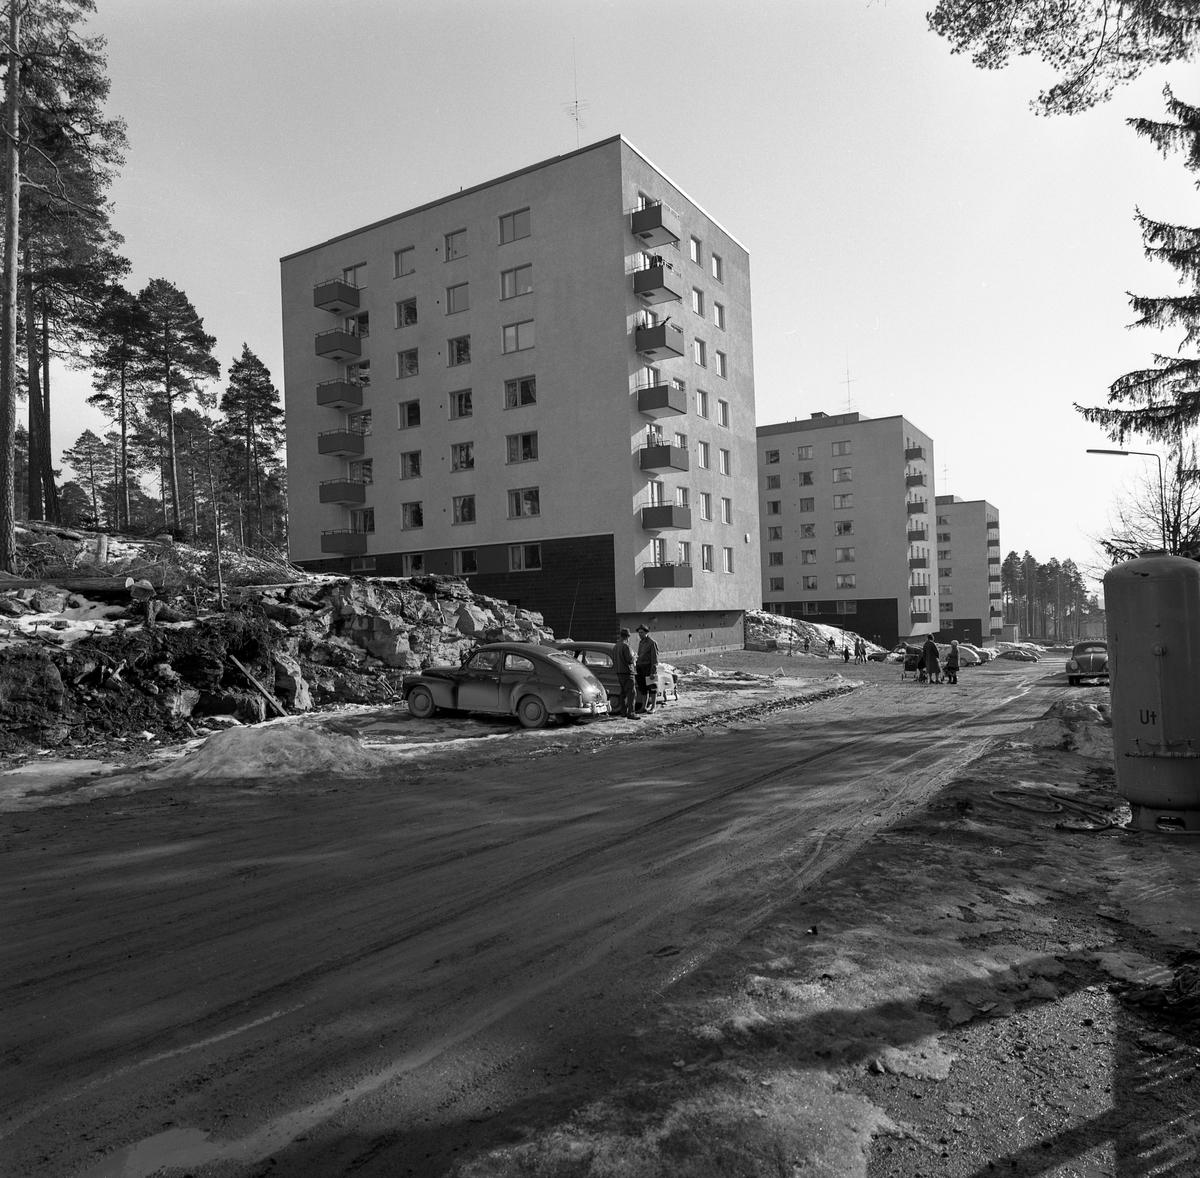 Punkthusen längs Styckåsen våren 1960.